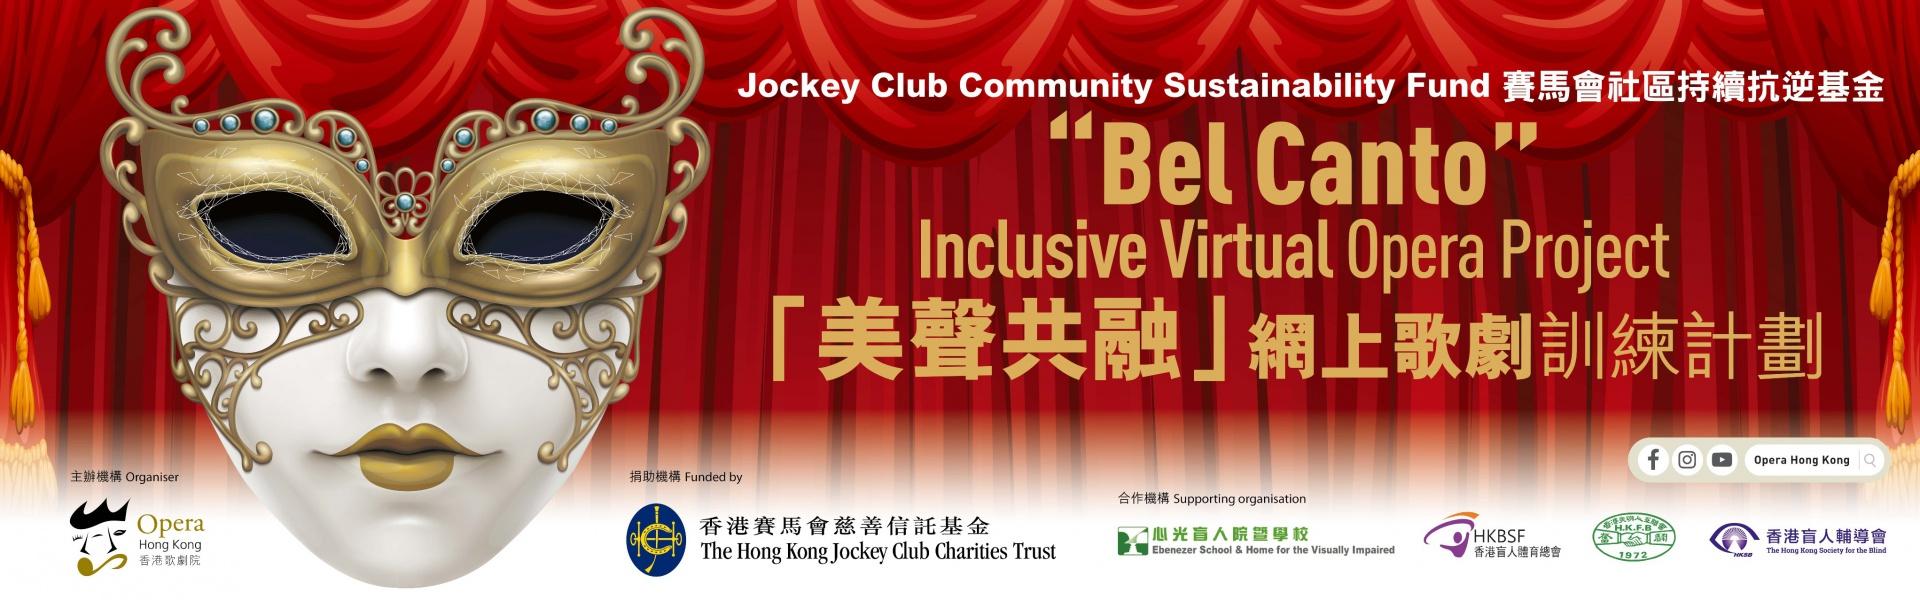 HKJC IVOP_Web banner_with logo bar_1920x600_v3